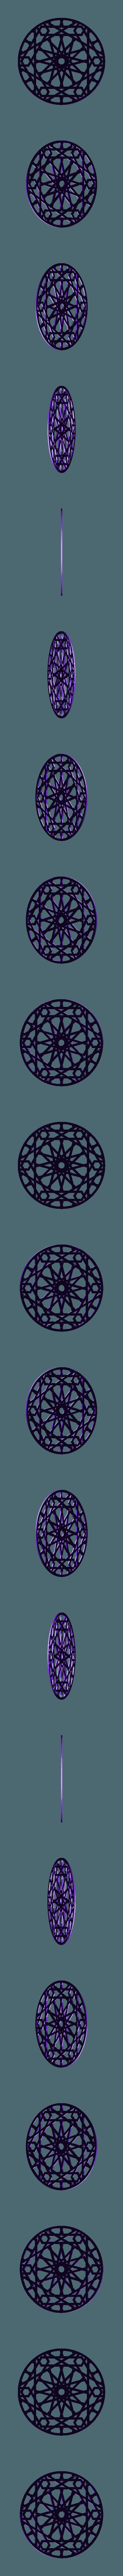 shadow_plate_islam_art.stl Télécharger fichier STL gratuit Lampe de projecteur RGB • Design imprimable en 3D, Job